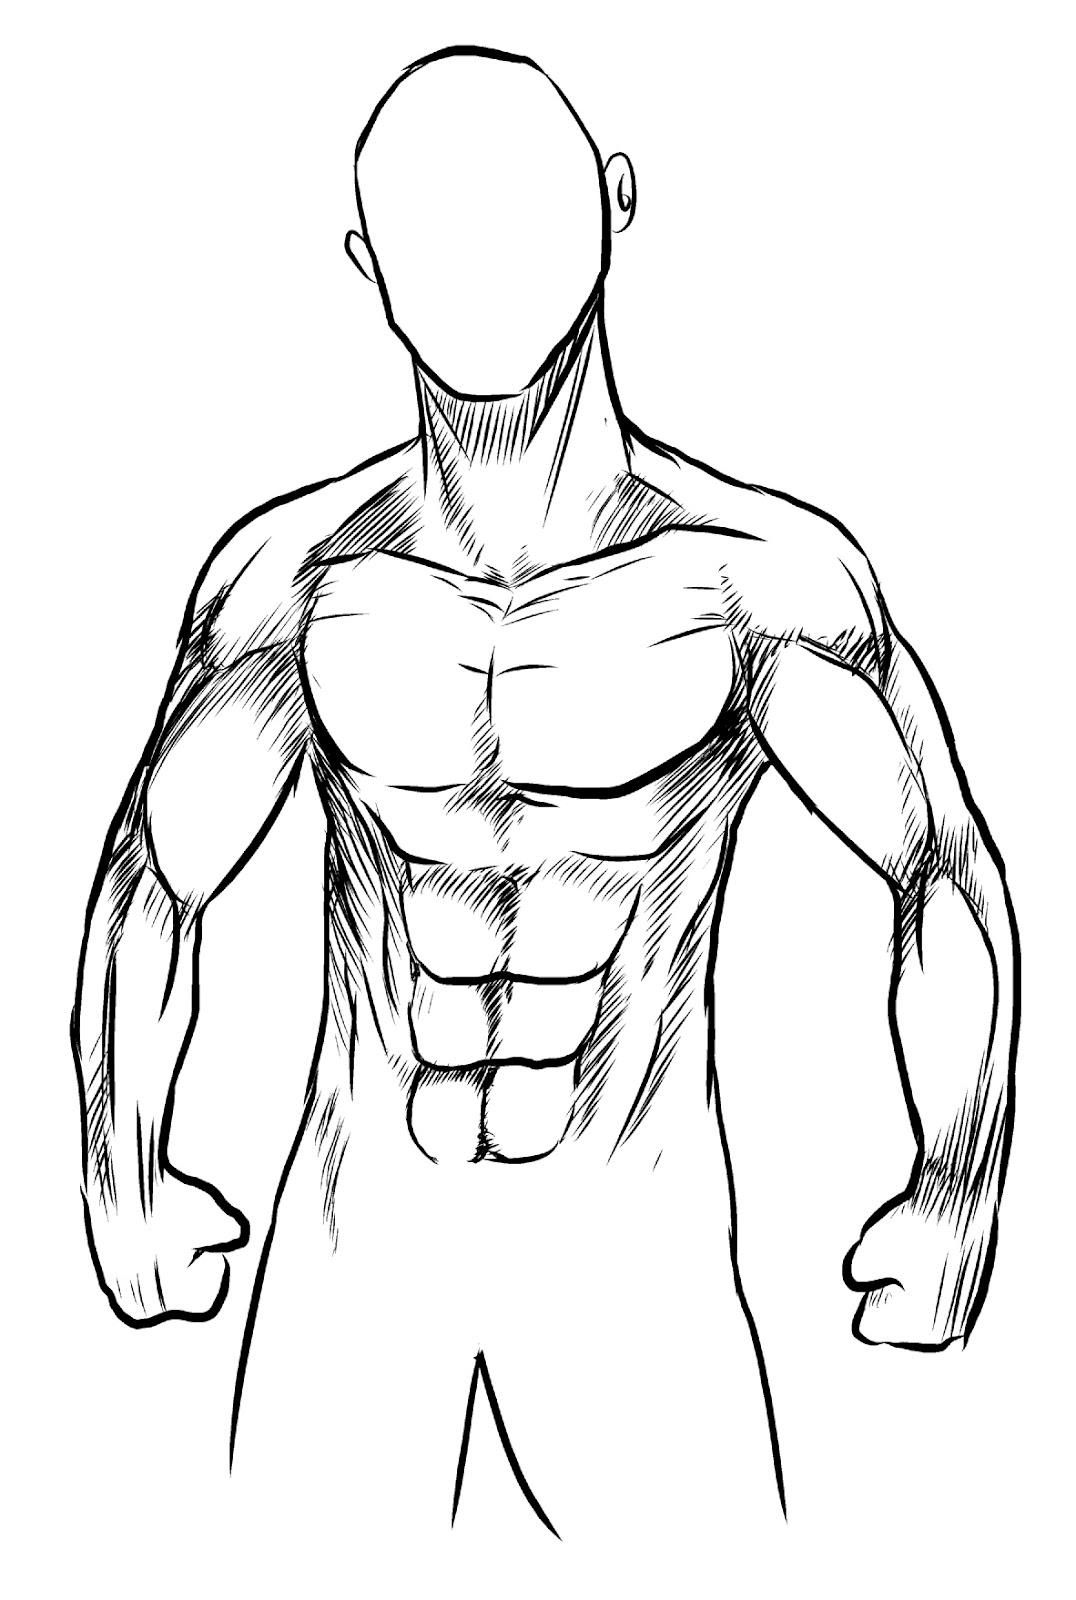 Fantástico Imagen Del Esqueleto Humano Marcado Foto - Anatomía de ...